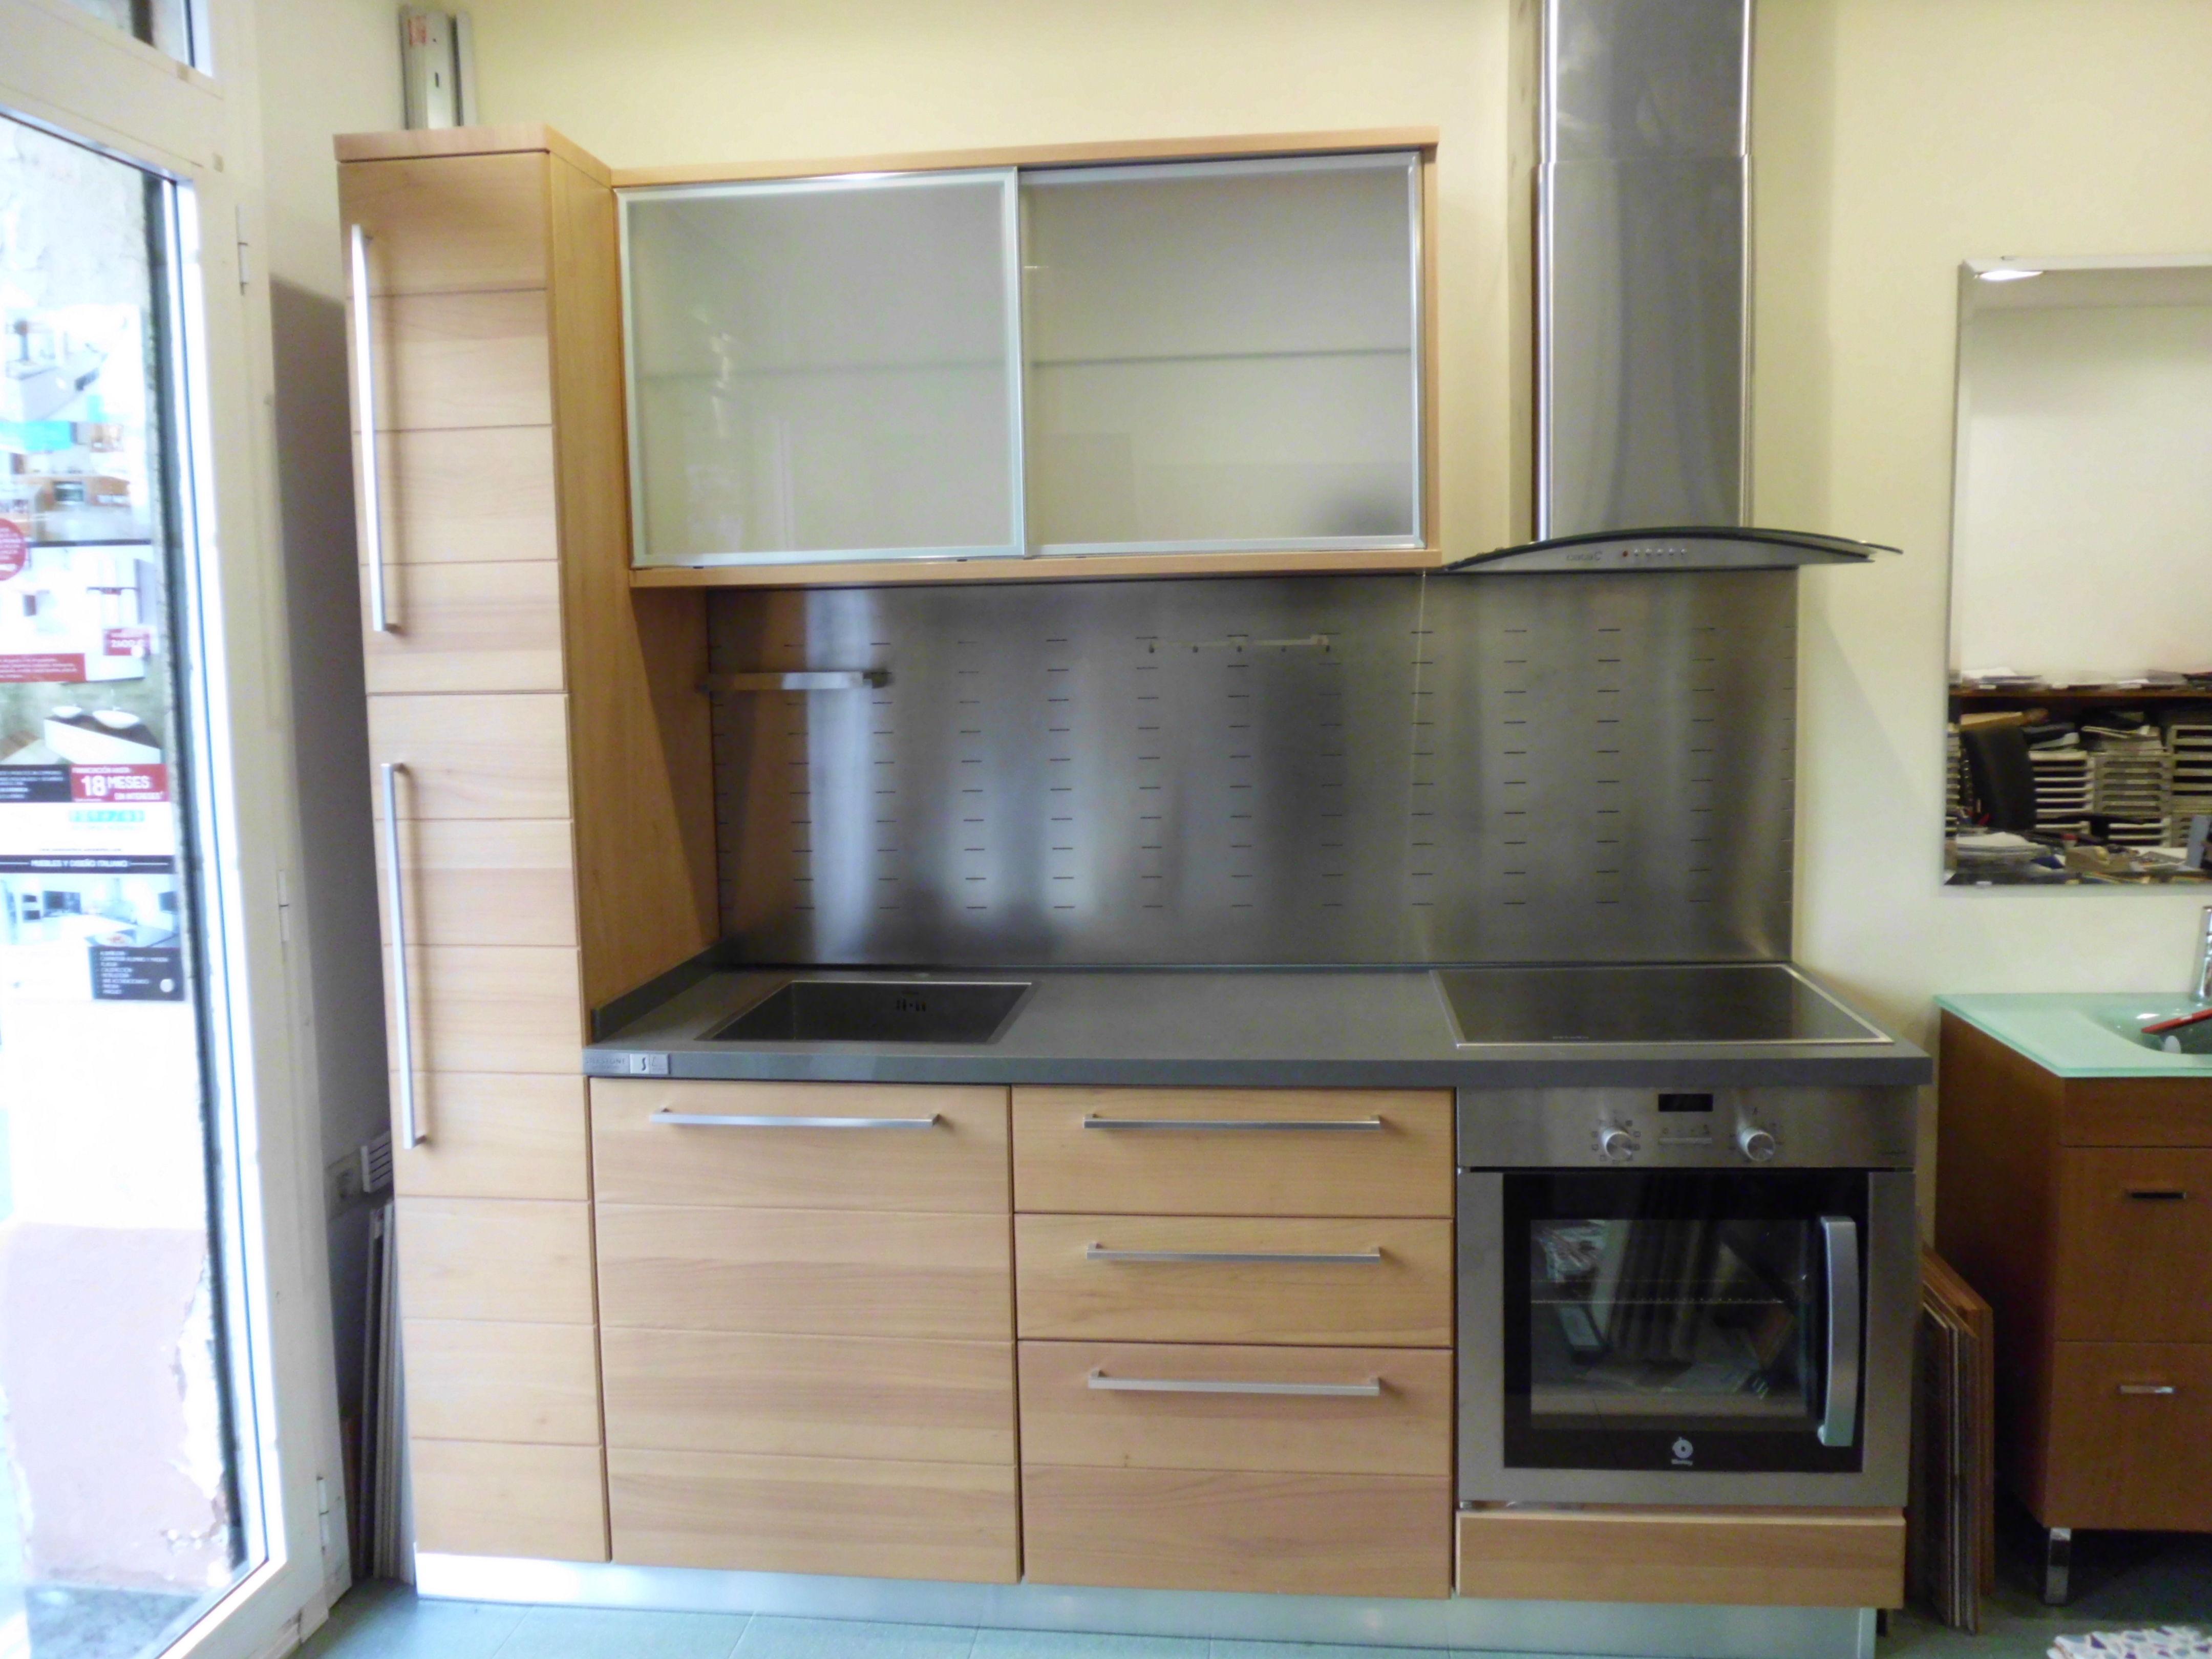 Oferta muebles cocina escavolini servicios y productos de for Oferta muebles cocina